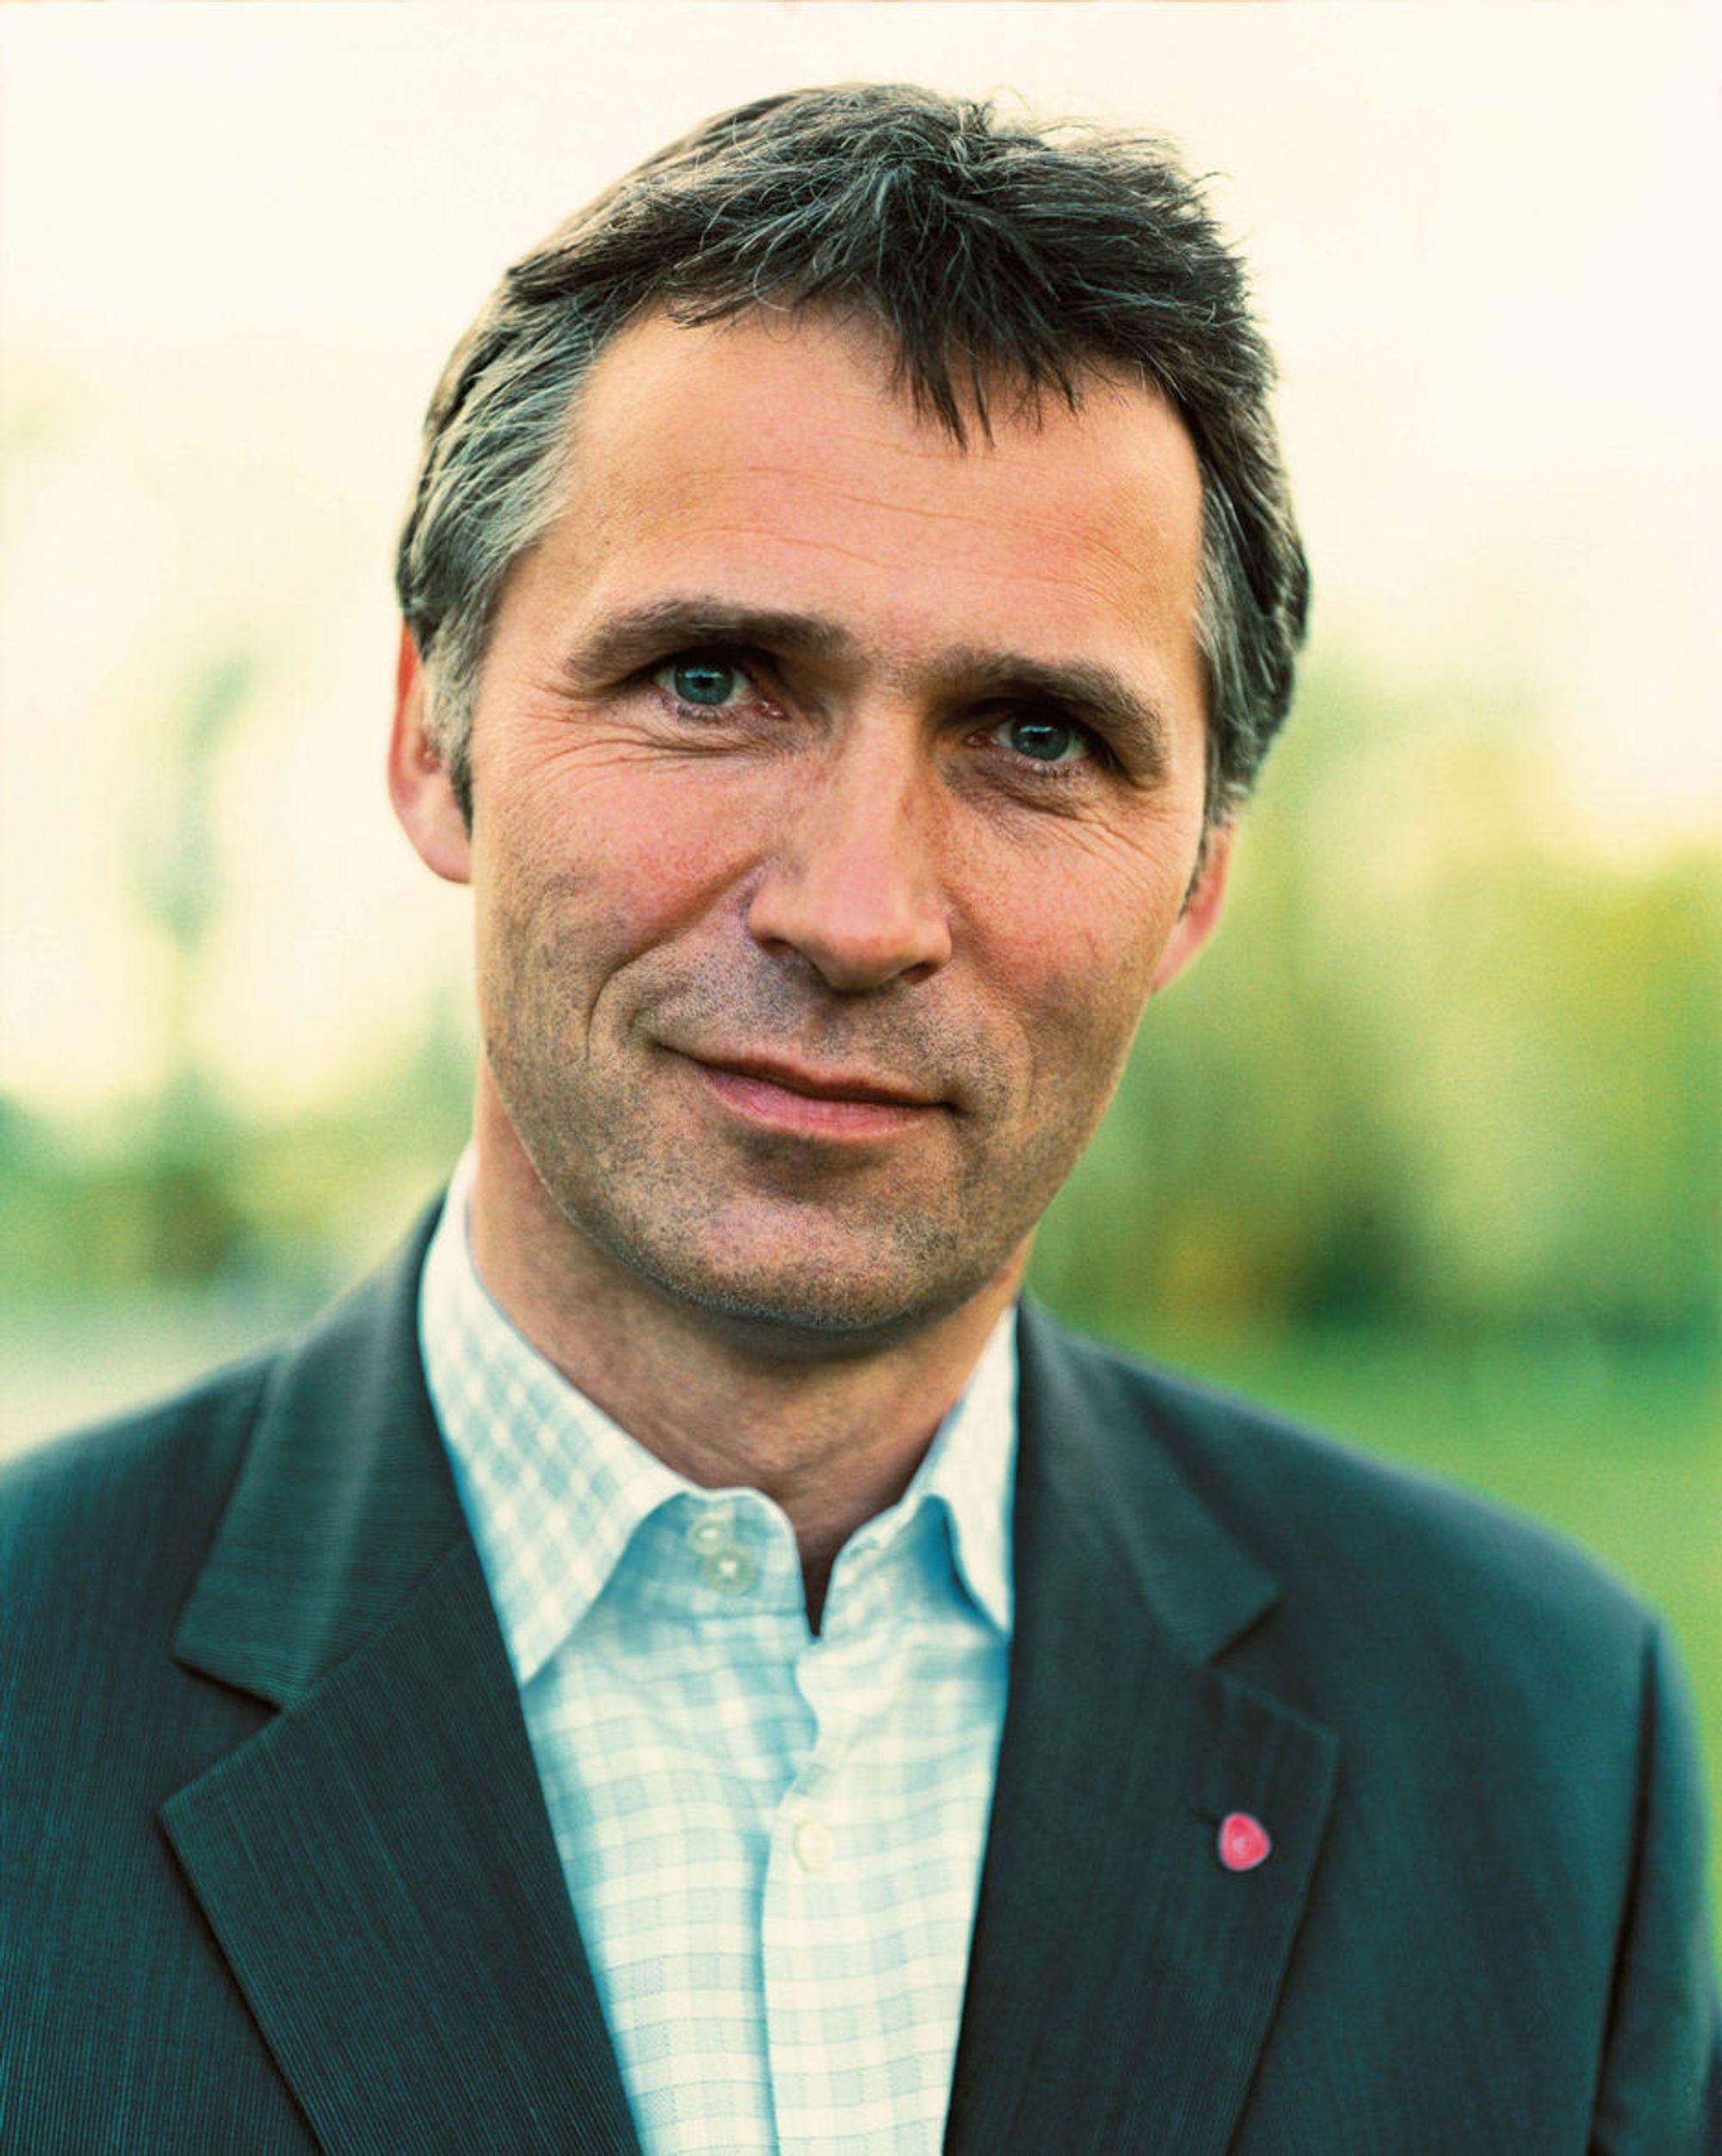 Jens Stoltenberg (Ap) utvikle nasjonale strategier innen de næringsområder hvor Norge har kompetanse eller særlige fortrinn.